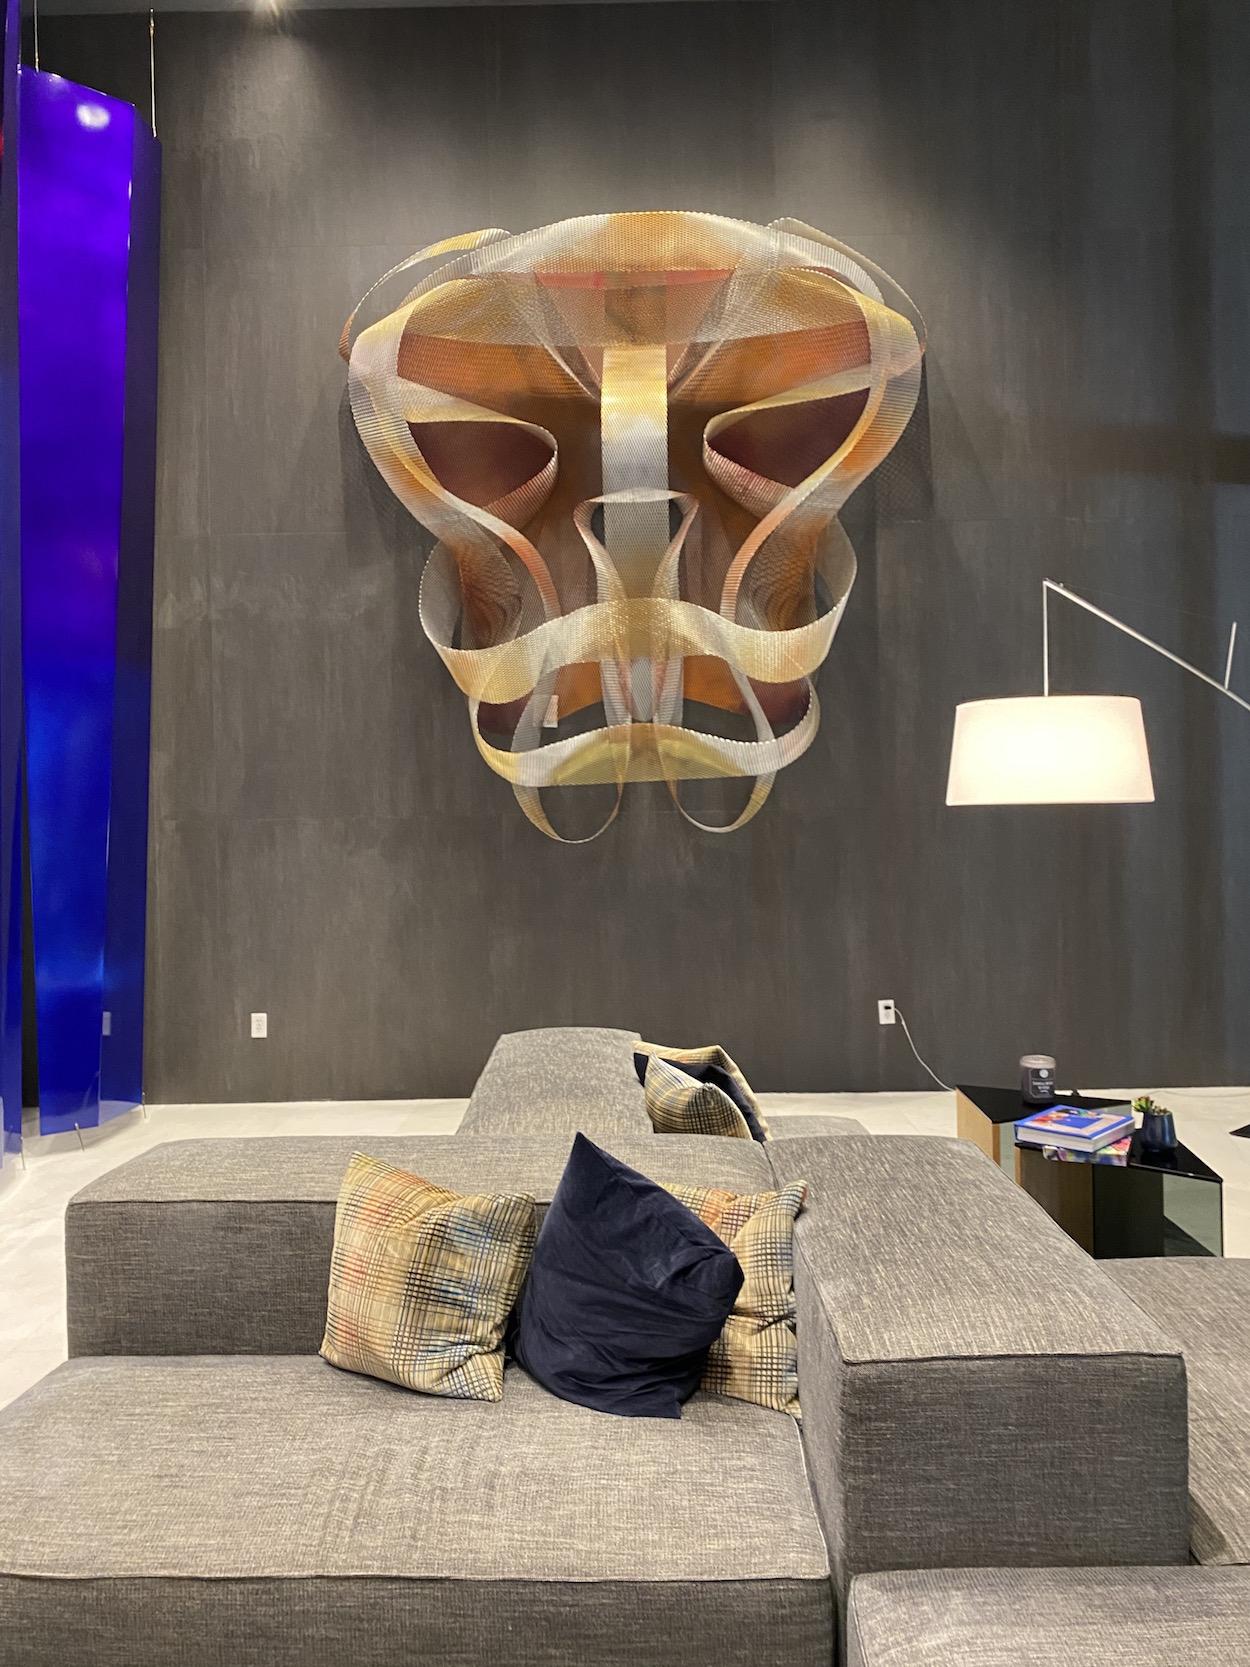 Quadro Miami Design District Feb2021 1